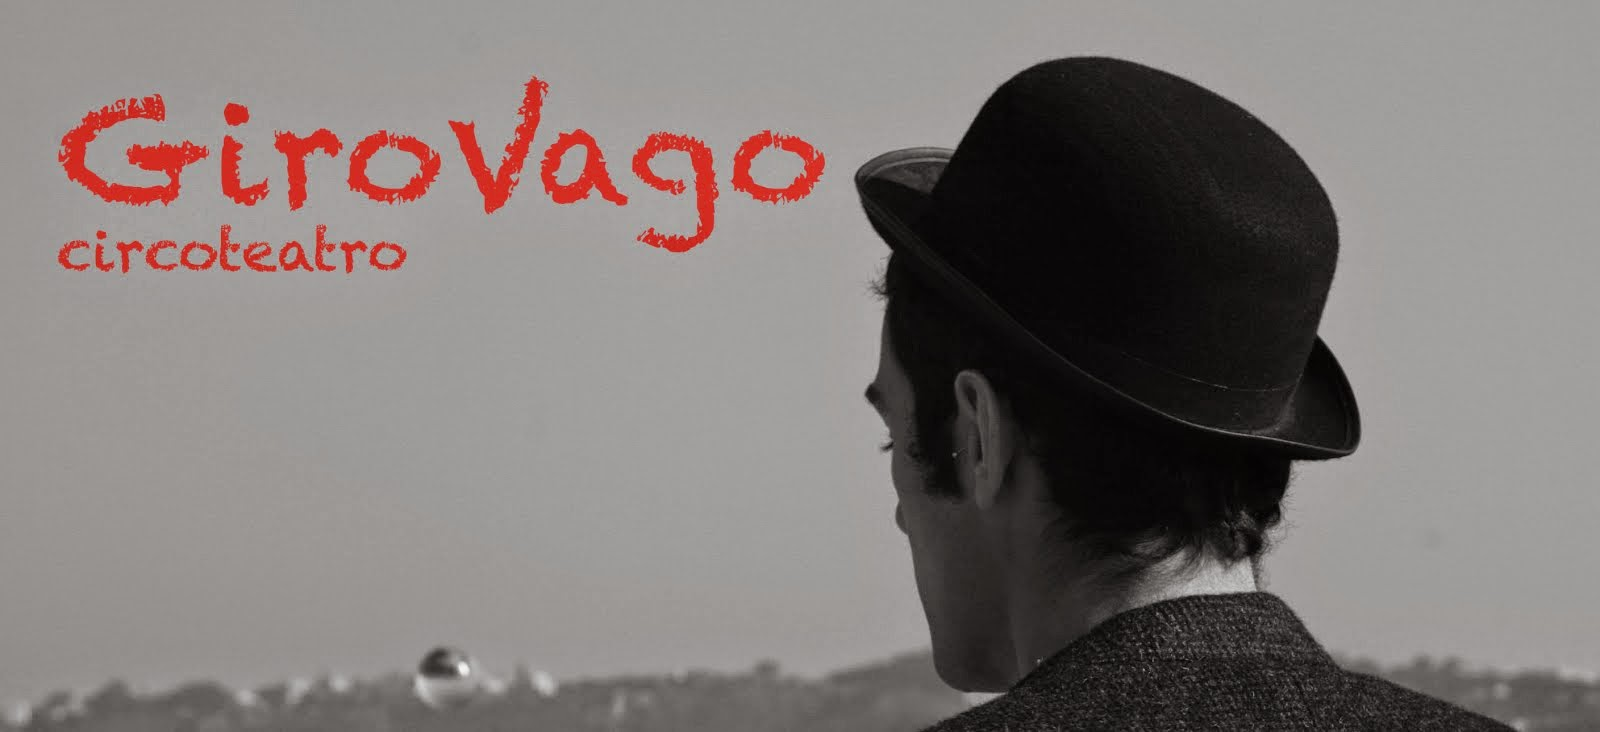 GiroVago - circoteatro